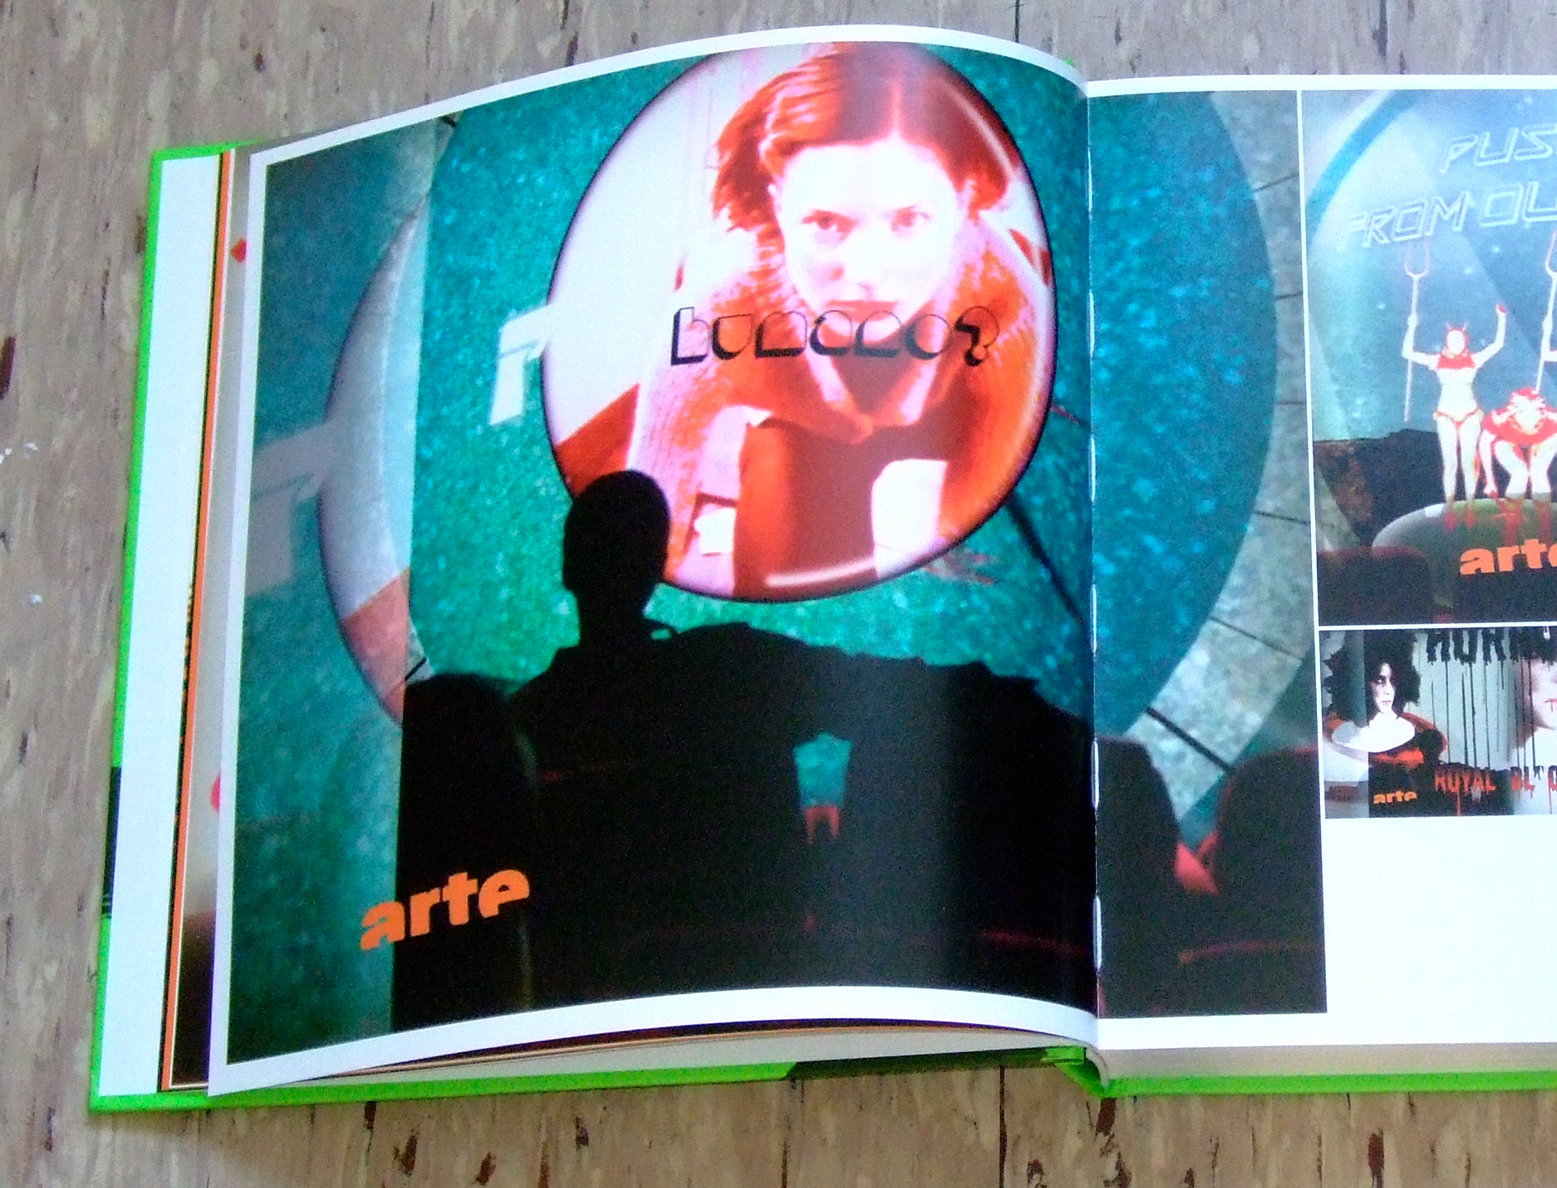 Photo: Arte Trash featured in a book